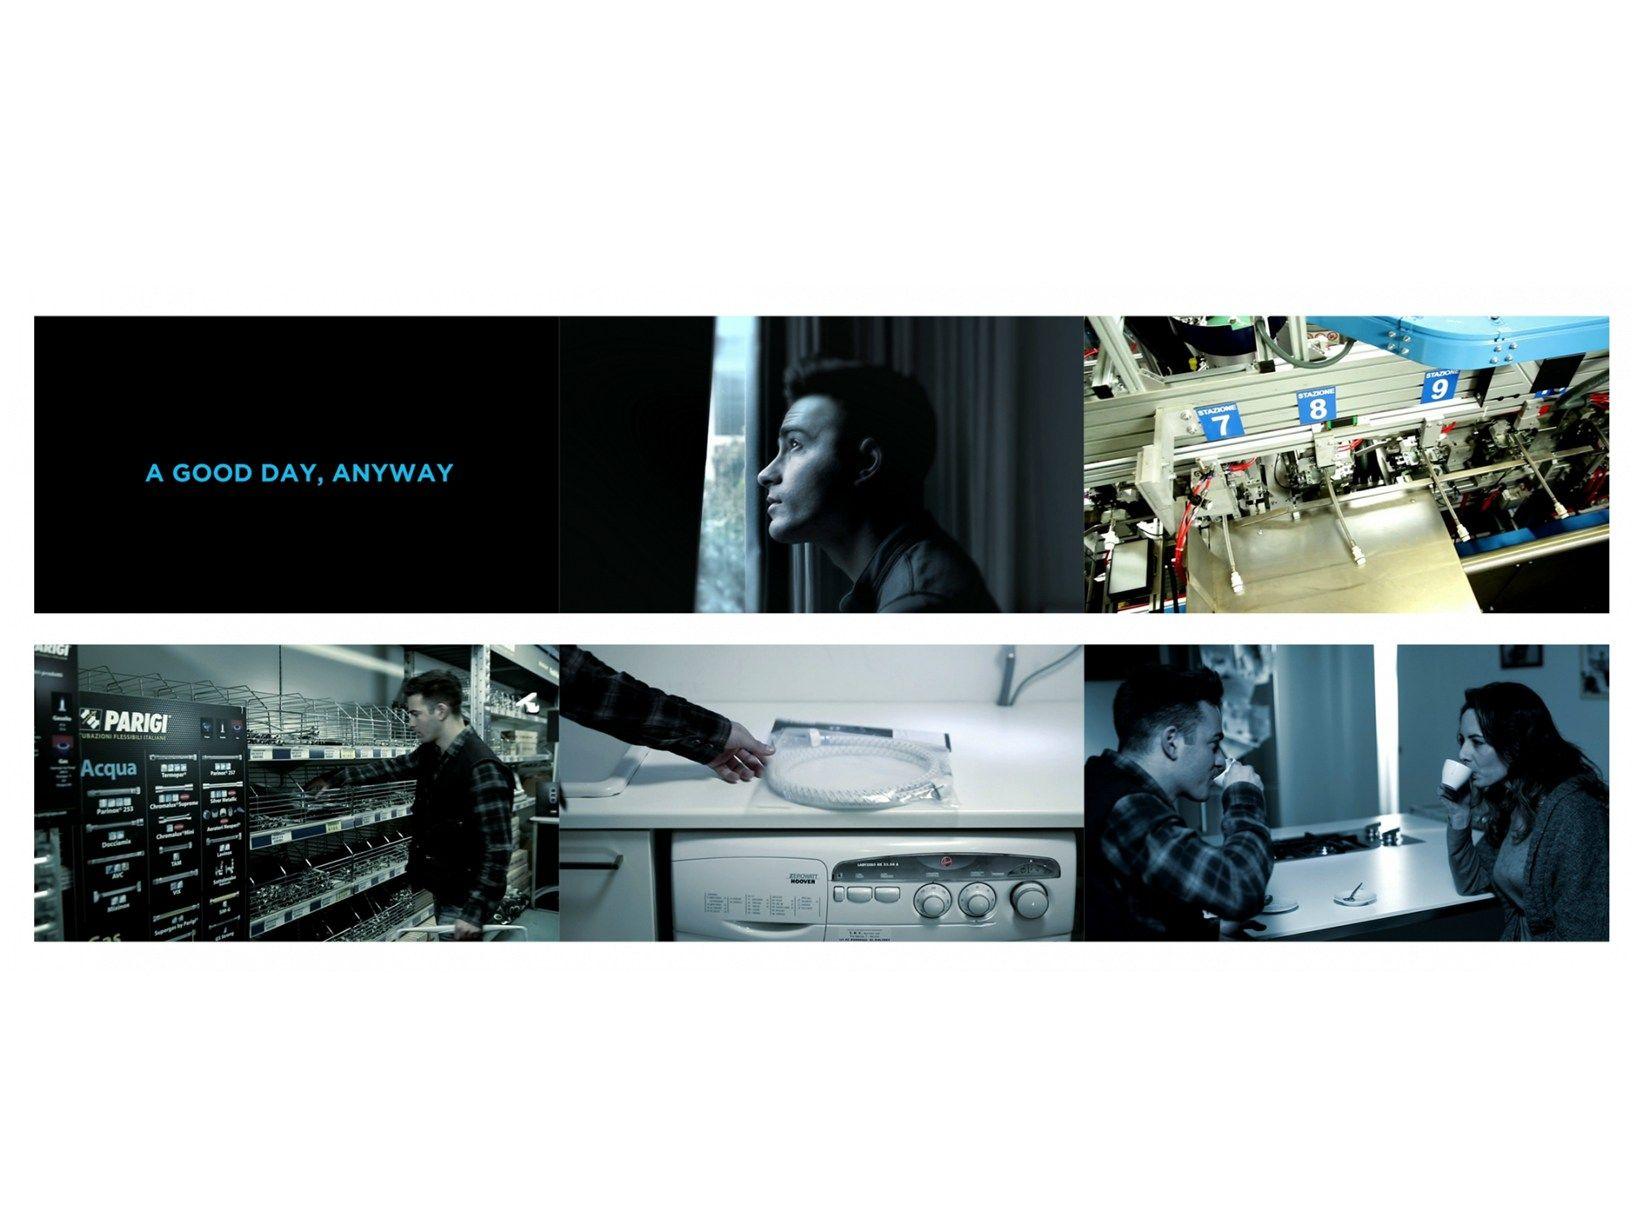 Parigi Industry: la storia delle tubazioni flessibili italiane nel nuovo video aziendale